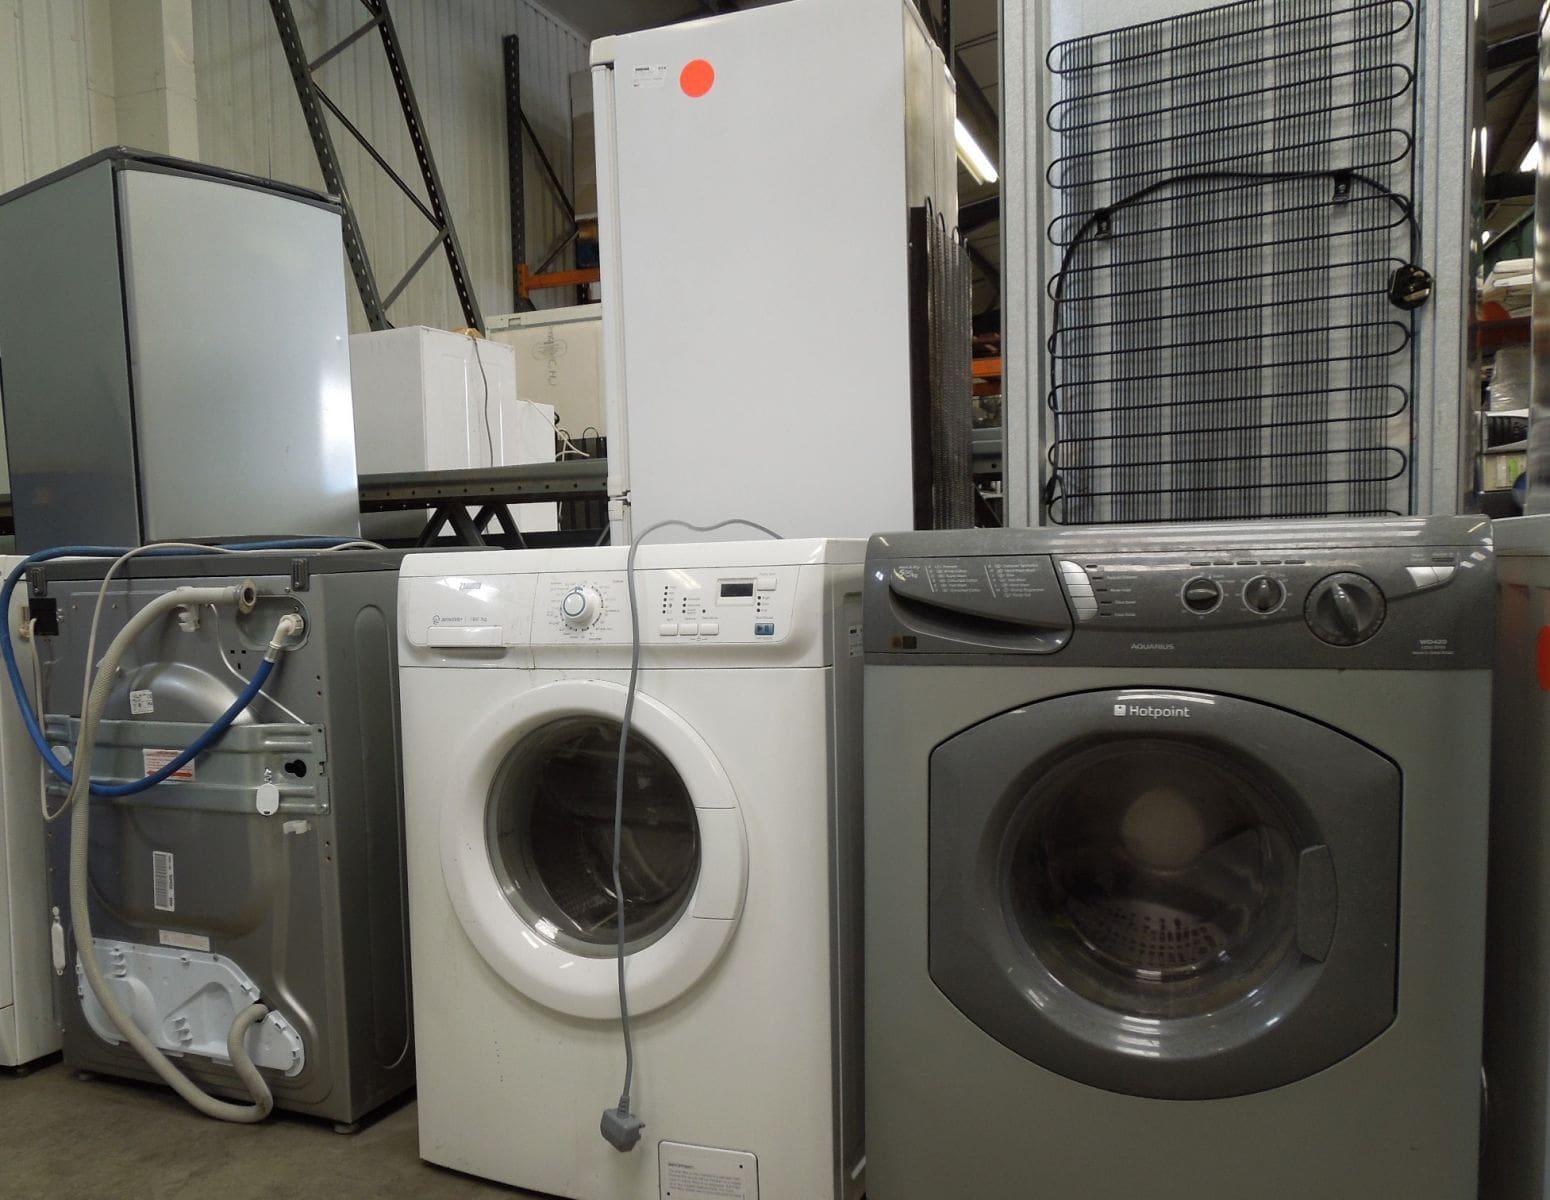 Mách Bạn Top 10 Cửa Hàng Bán Máy Giặt Cũ Bắc Ninh Uy Tín